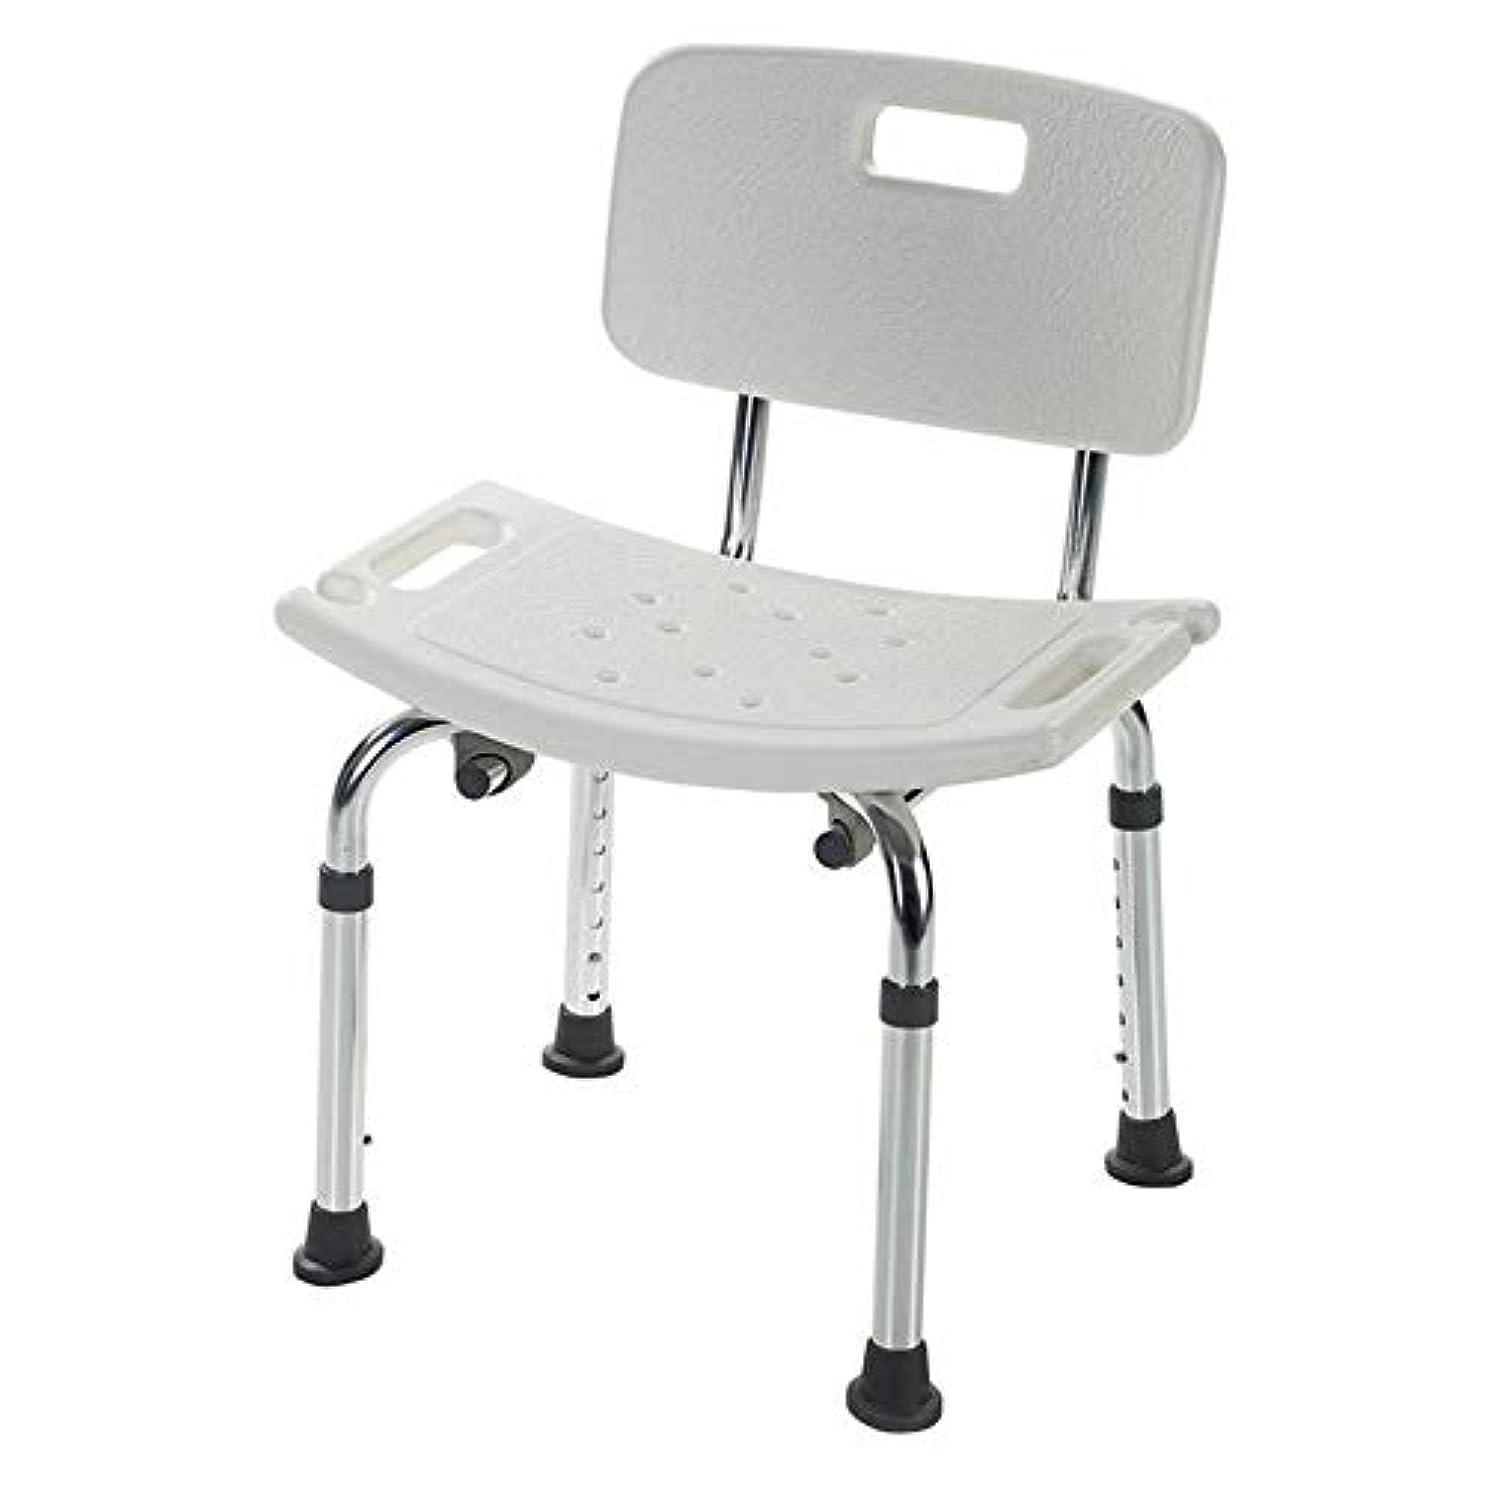 明日クレジット子猫バスシートベンチシャワースツールシャワーチェア、背もたれ付きU字型シートプレート高さ調節可能な高齢者用入浴補助具